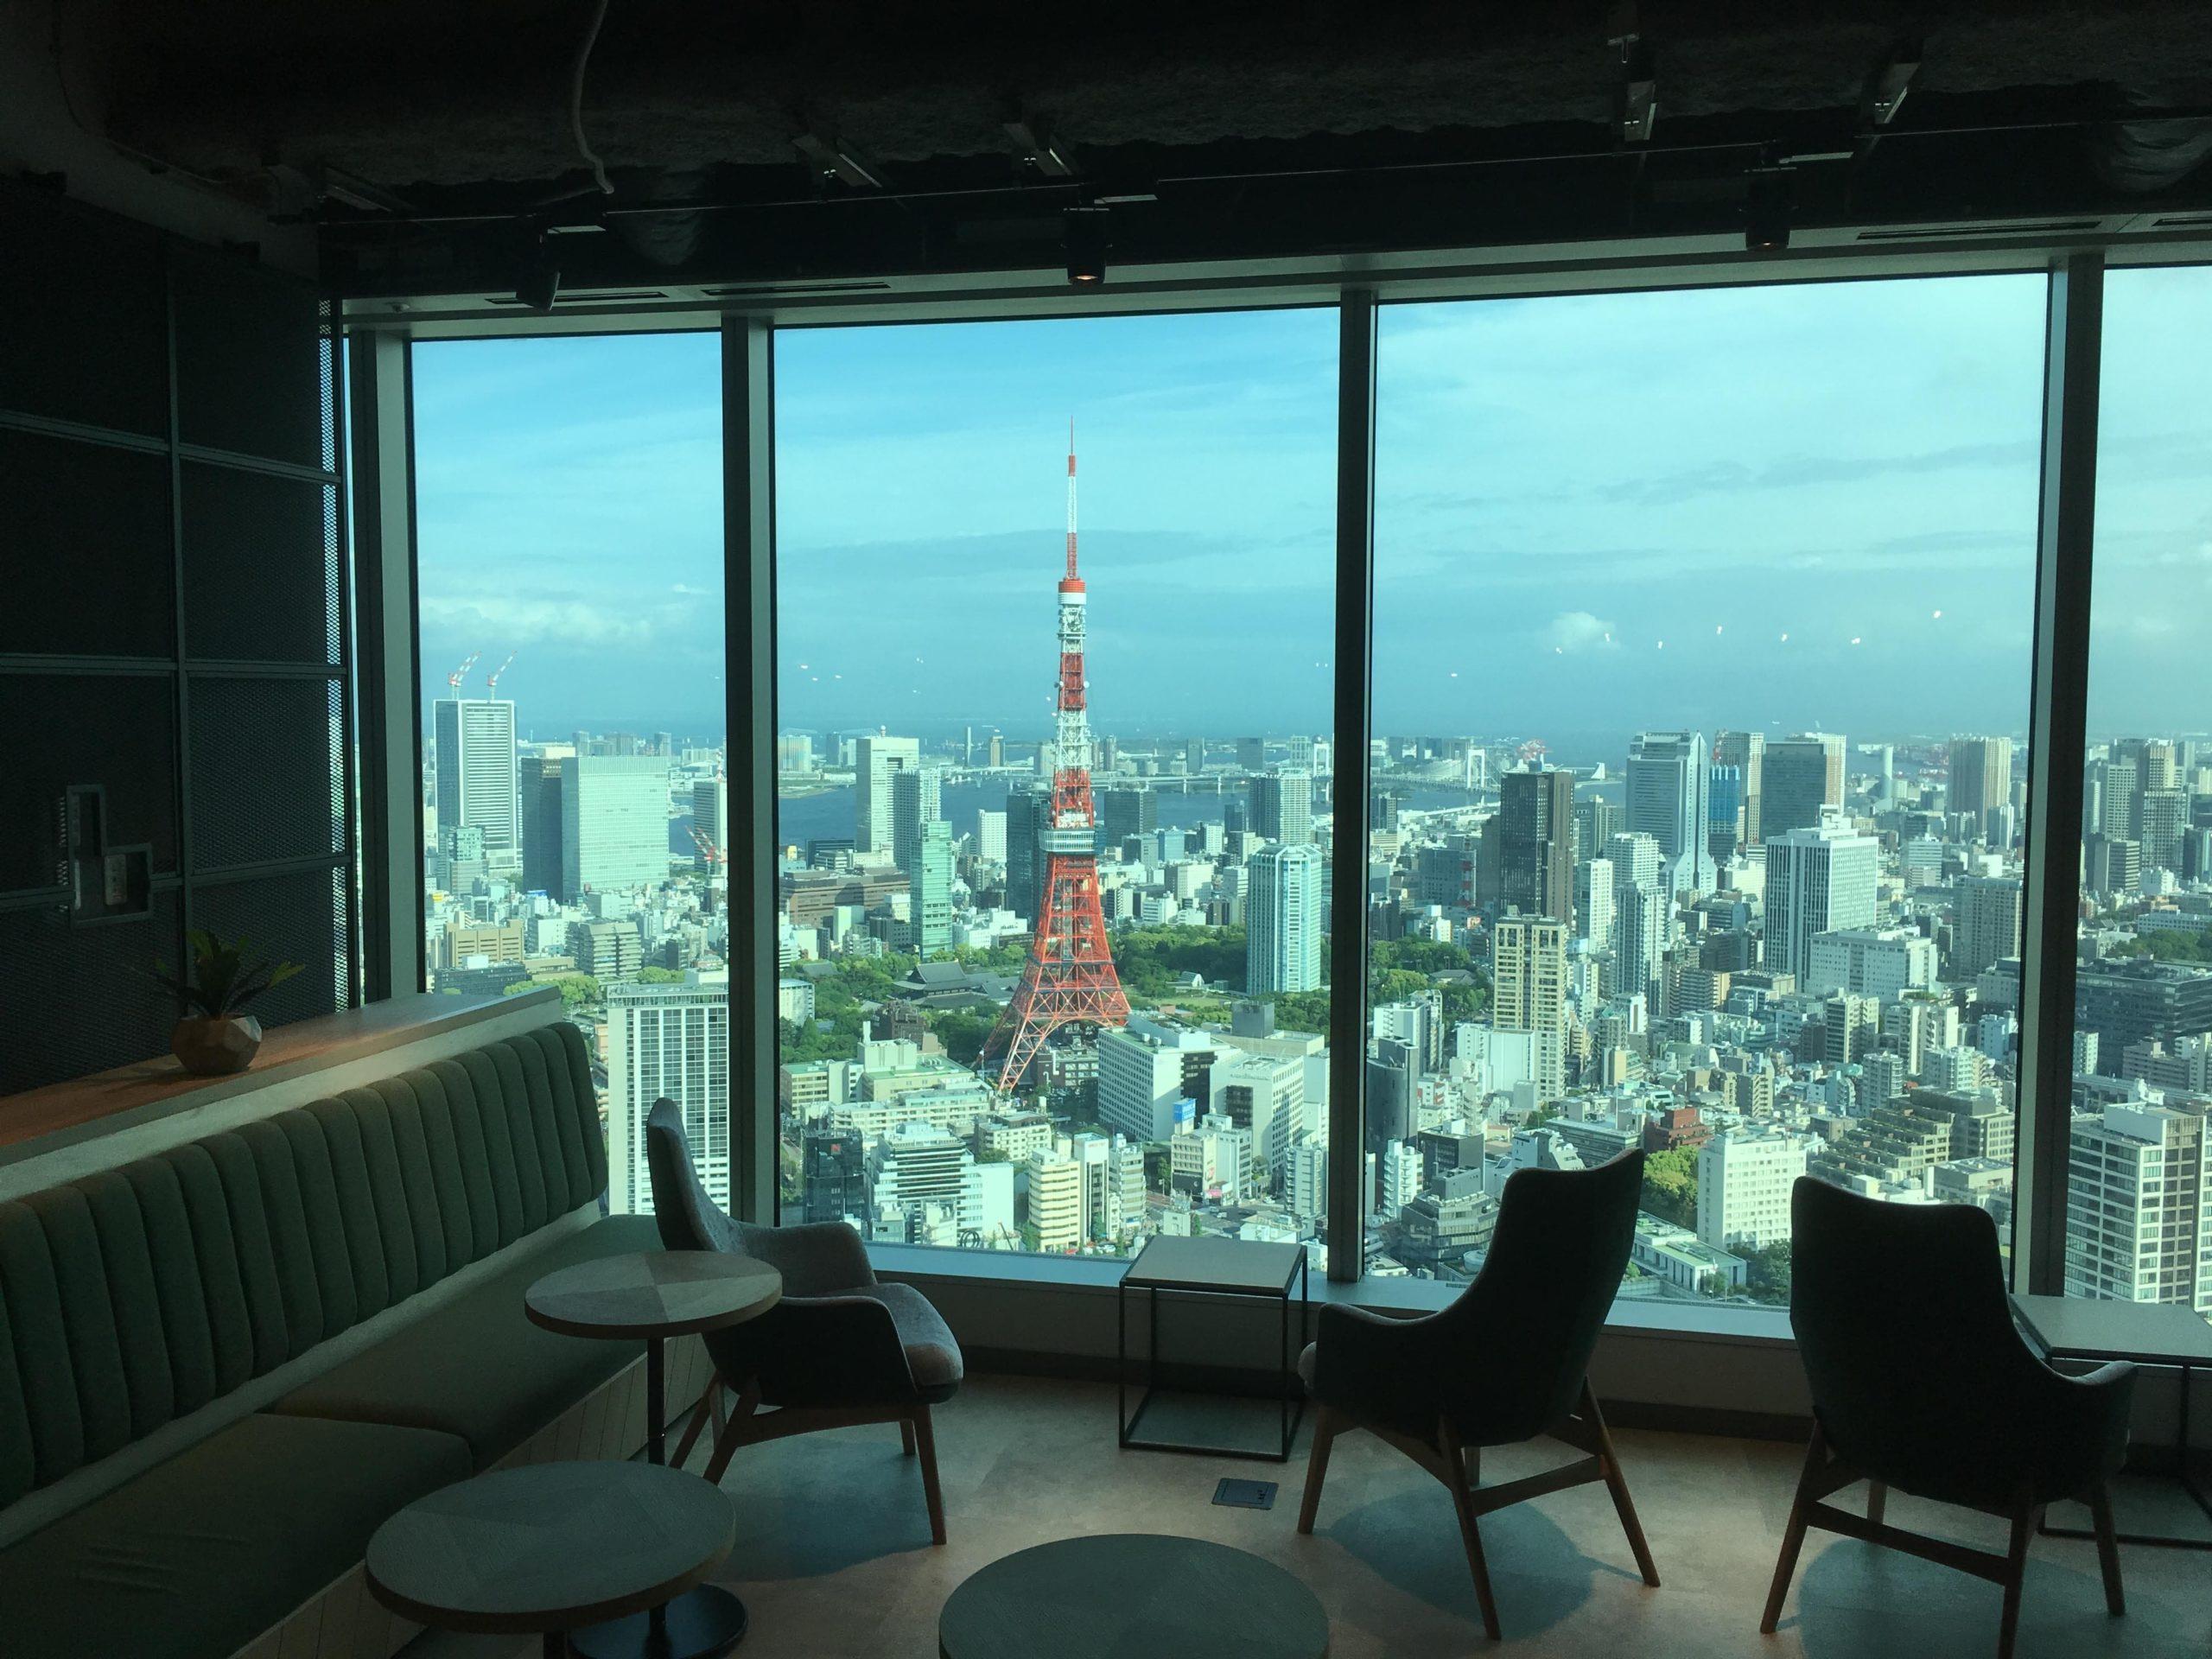 リノシーのオフィスから見る東京タワー